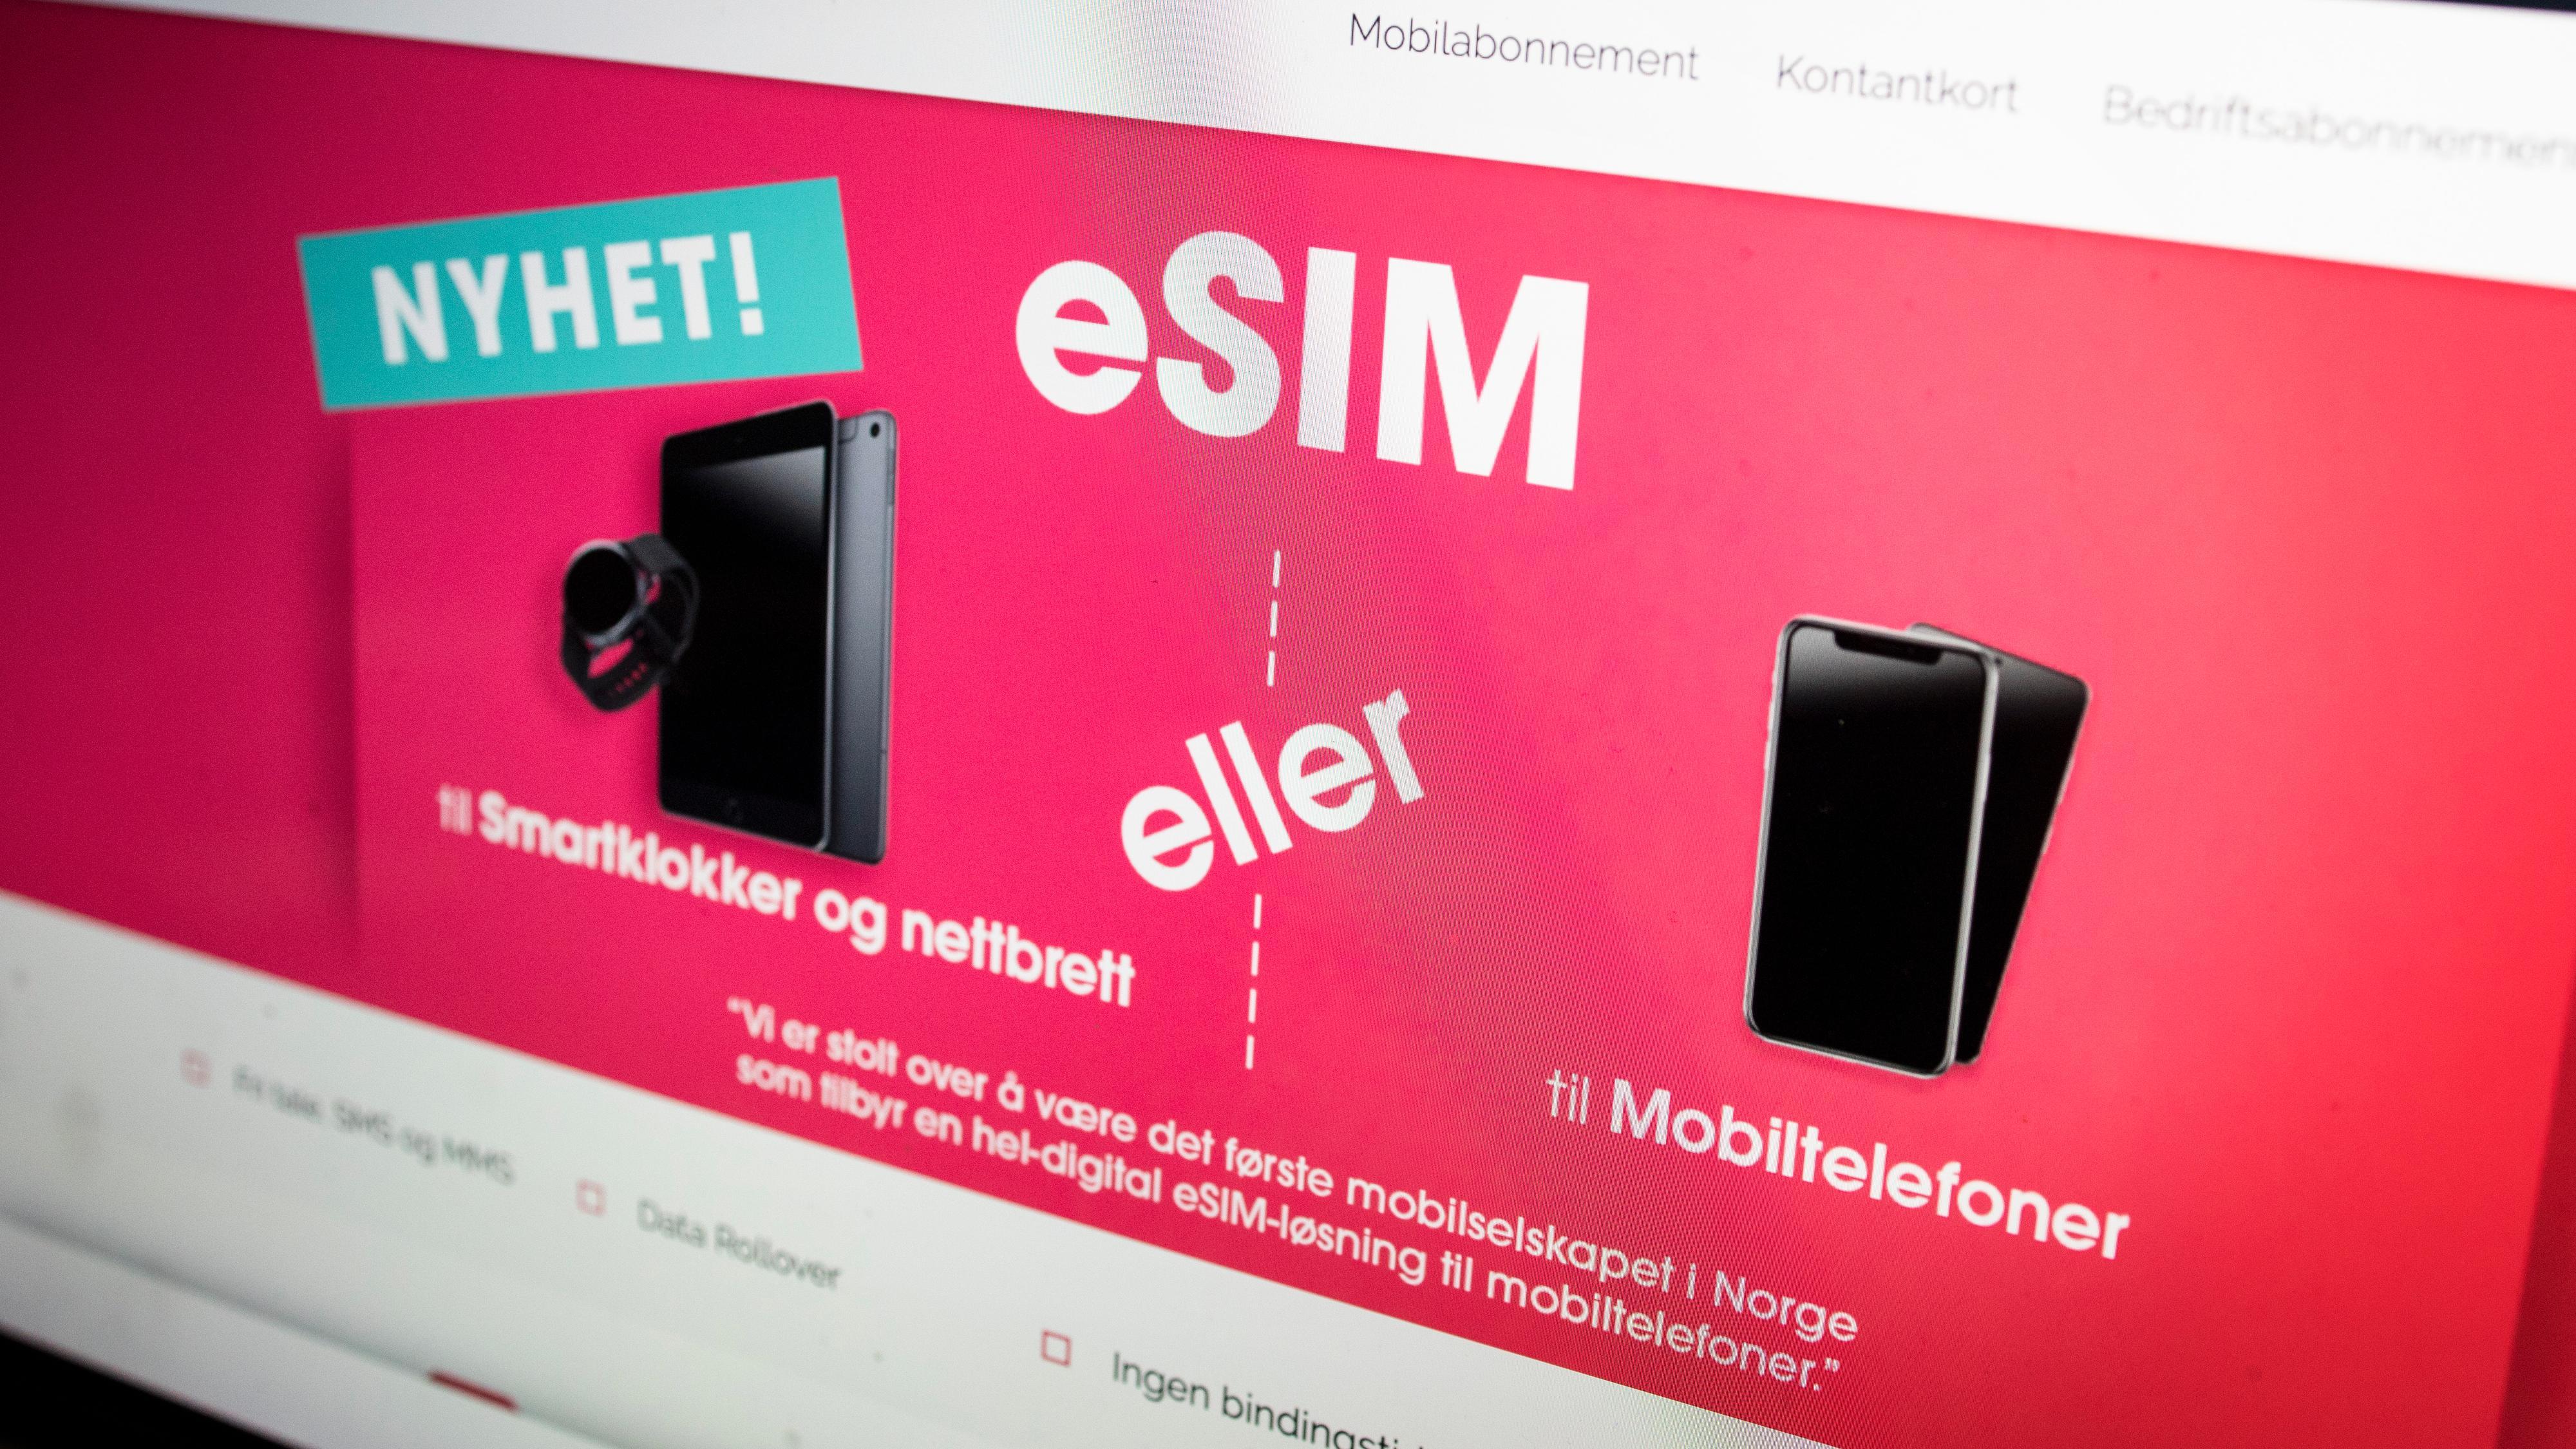 Chilimobil lanserer eSIM – lar deg ta i bruk nytt abonnement på 10 minutter